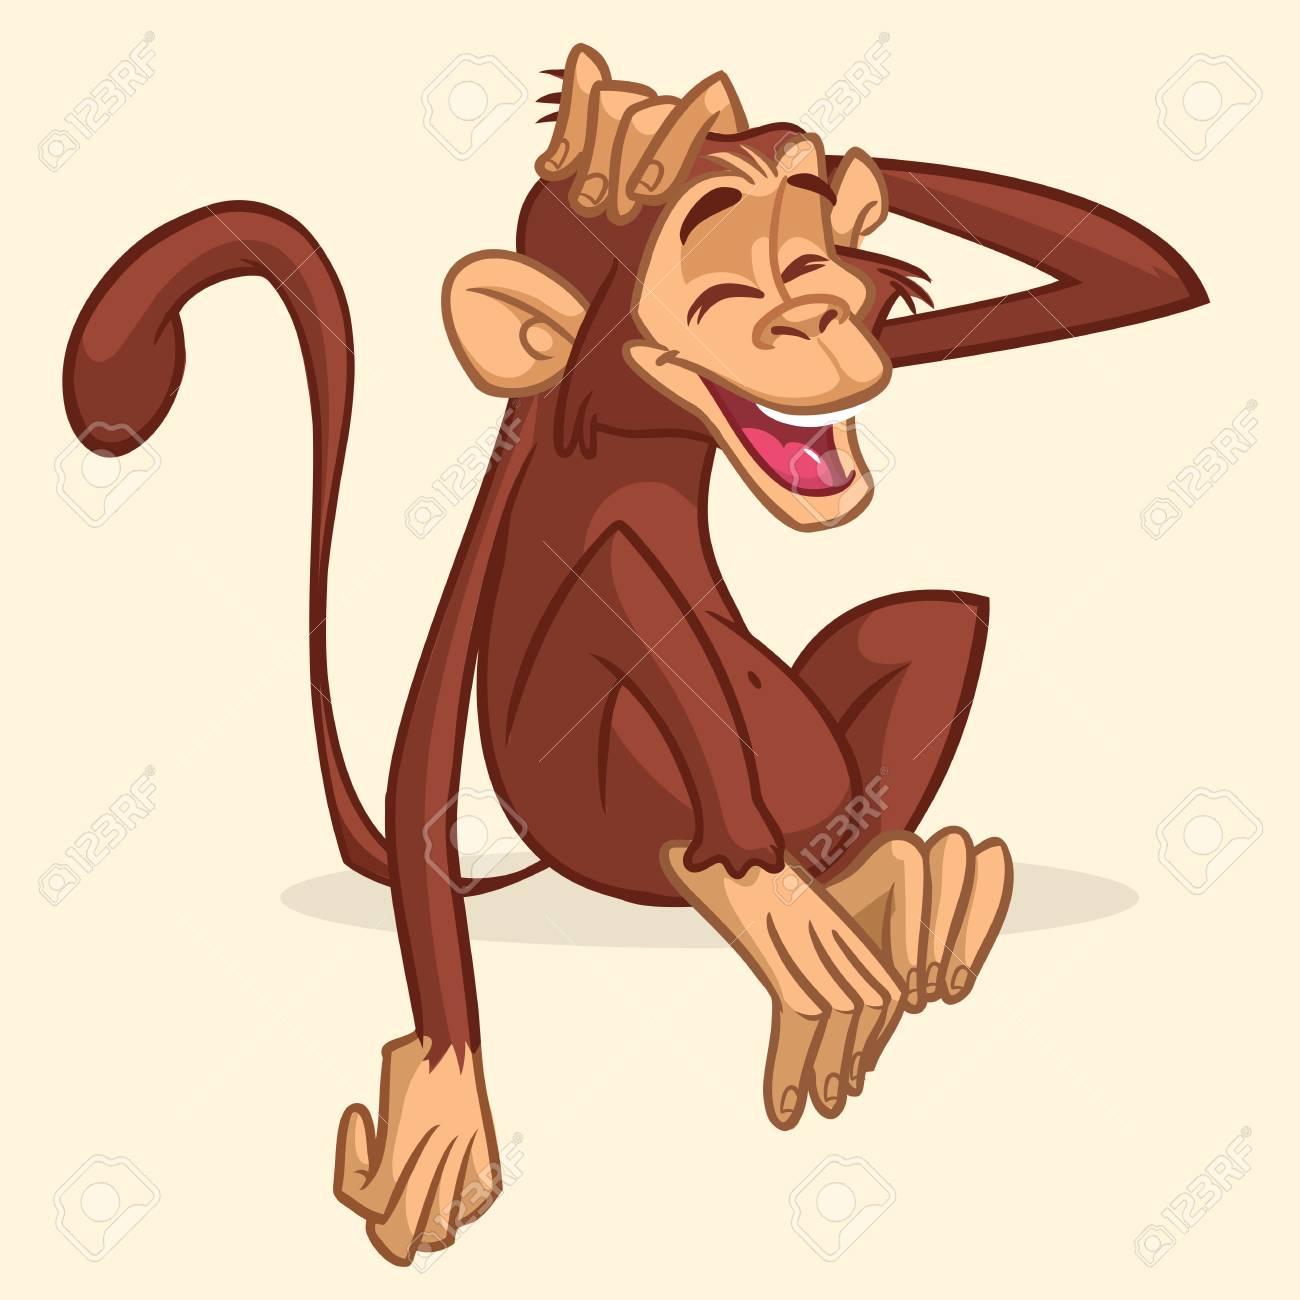 Vettoriale Disegno Simpatico Cartone Animato Di Una Scimmia